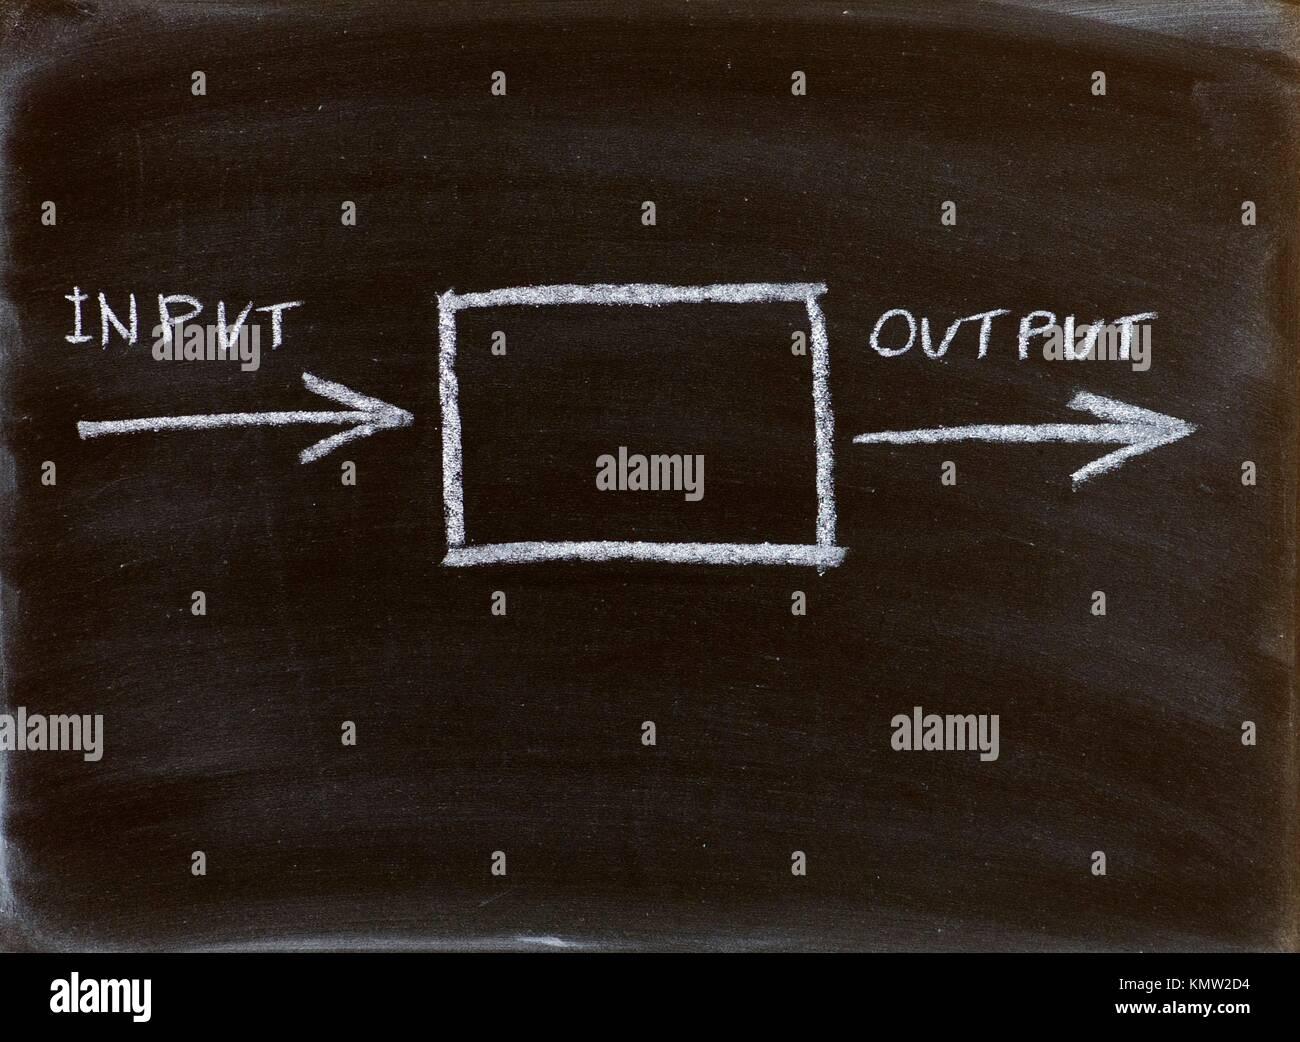 Eingang Ausgang Diagramm handschriftlich auf einer Tafel Stockfoto ...